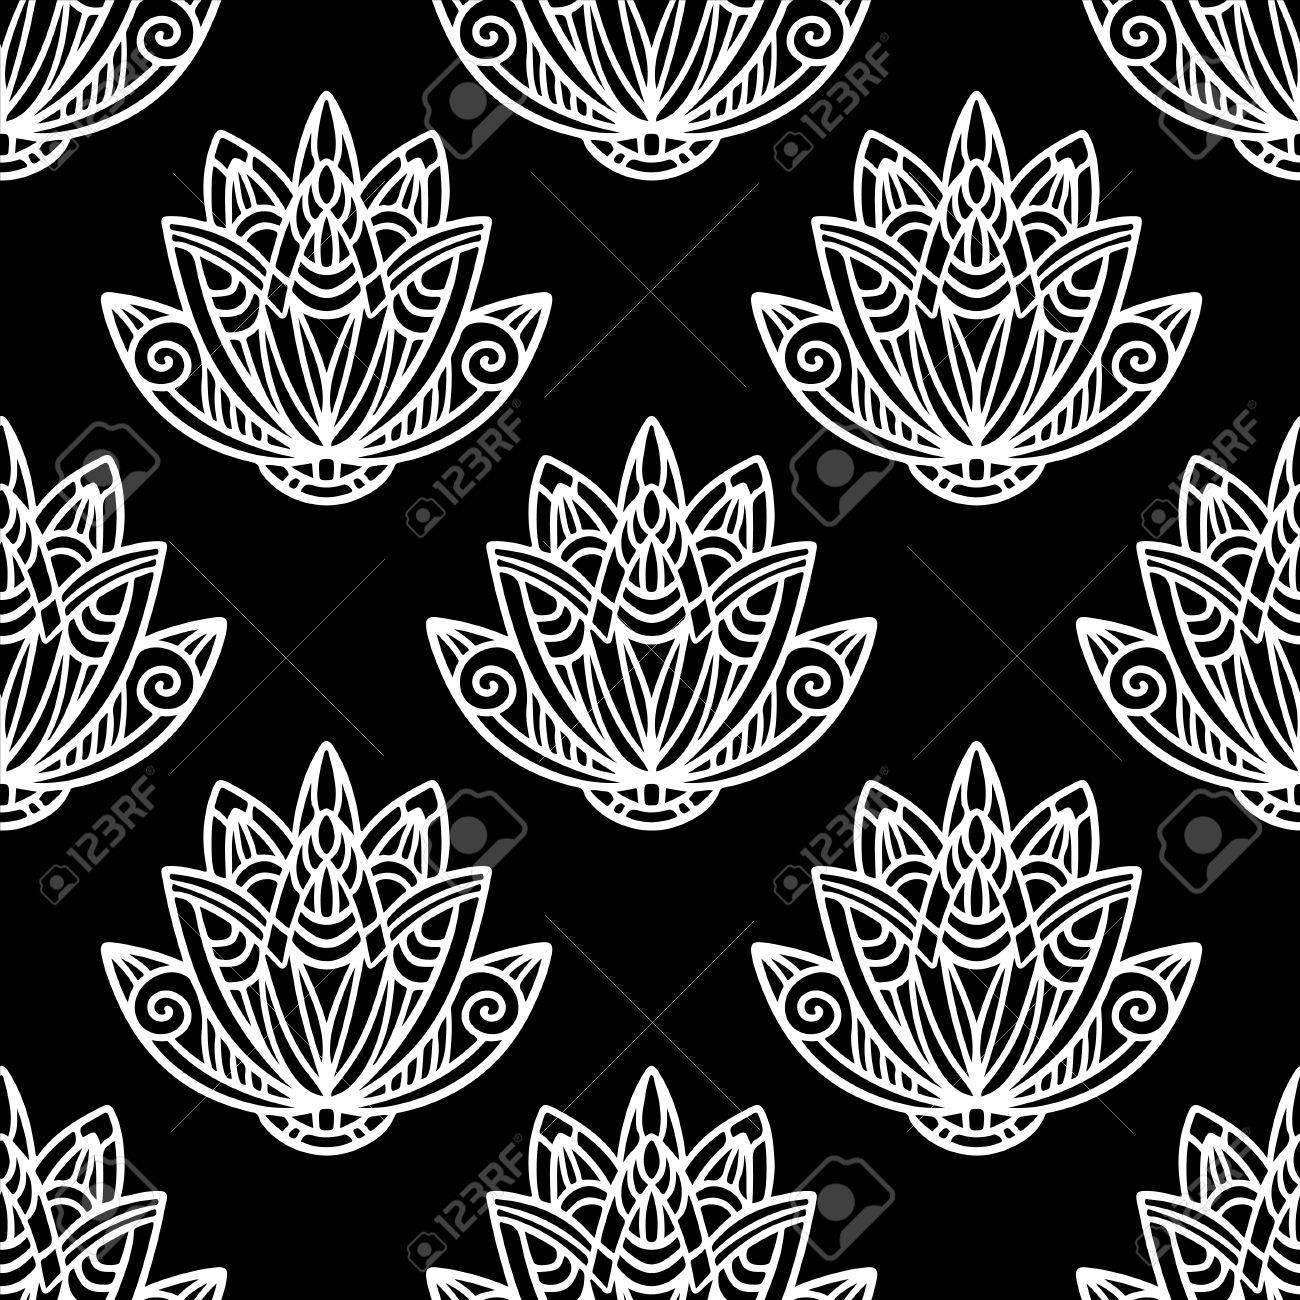 Abstract Seamless Pattern Floral Avec Des Fleurs De Lotus En Noir Et Blanc Nénuphar Dessin Illustration Main Sans Fin Texture D Impression Rétro